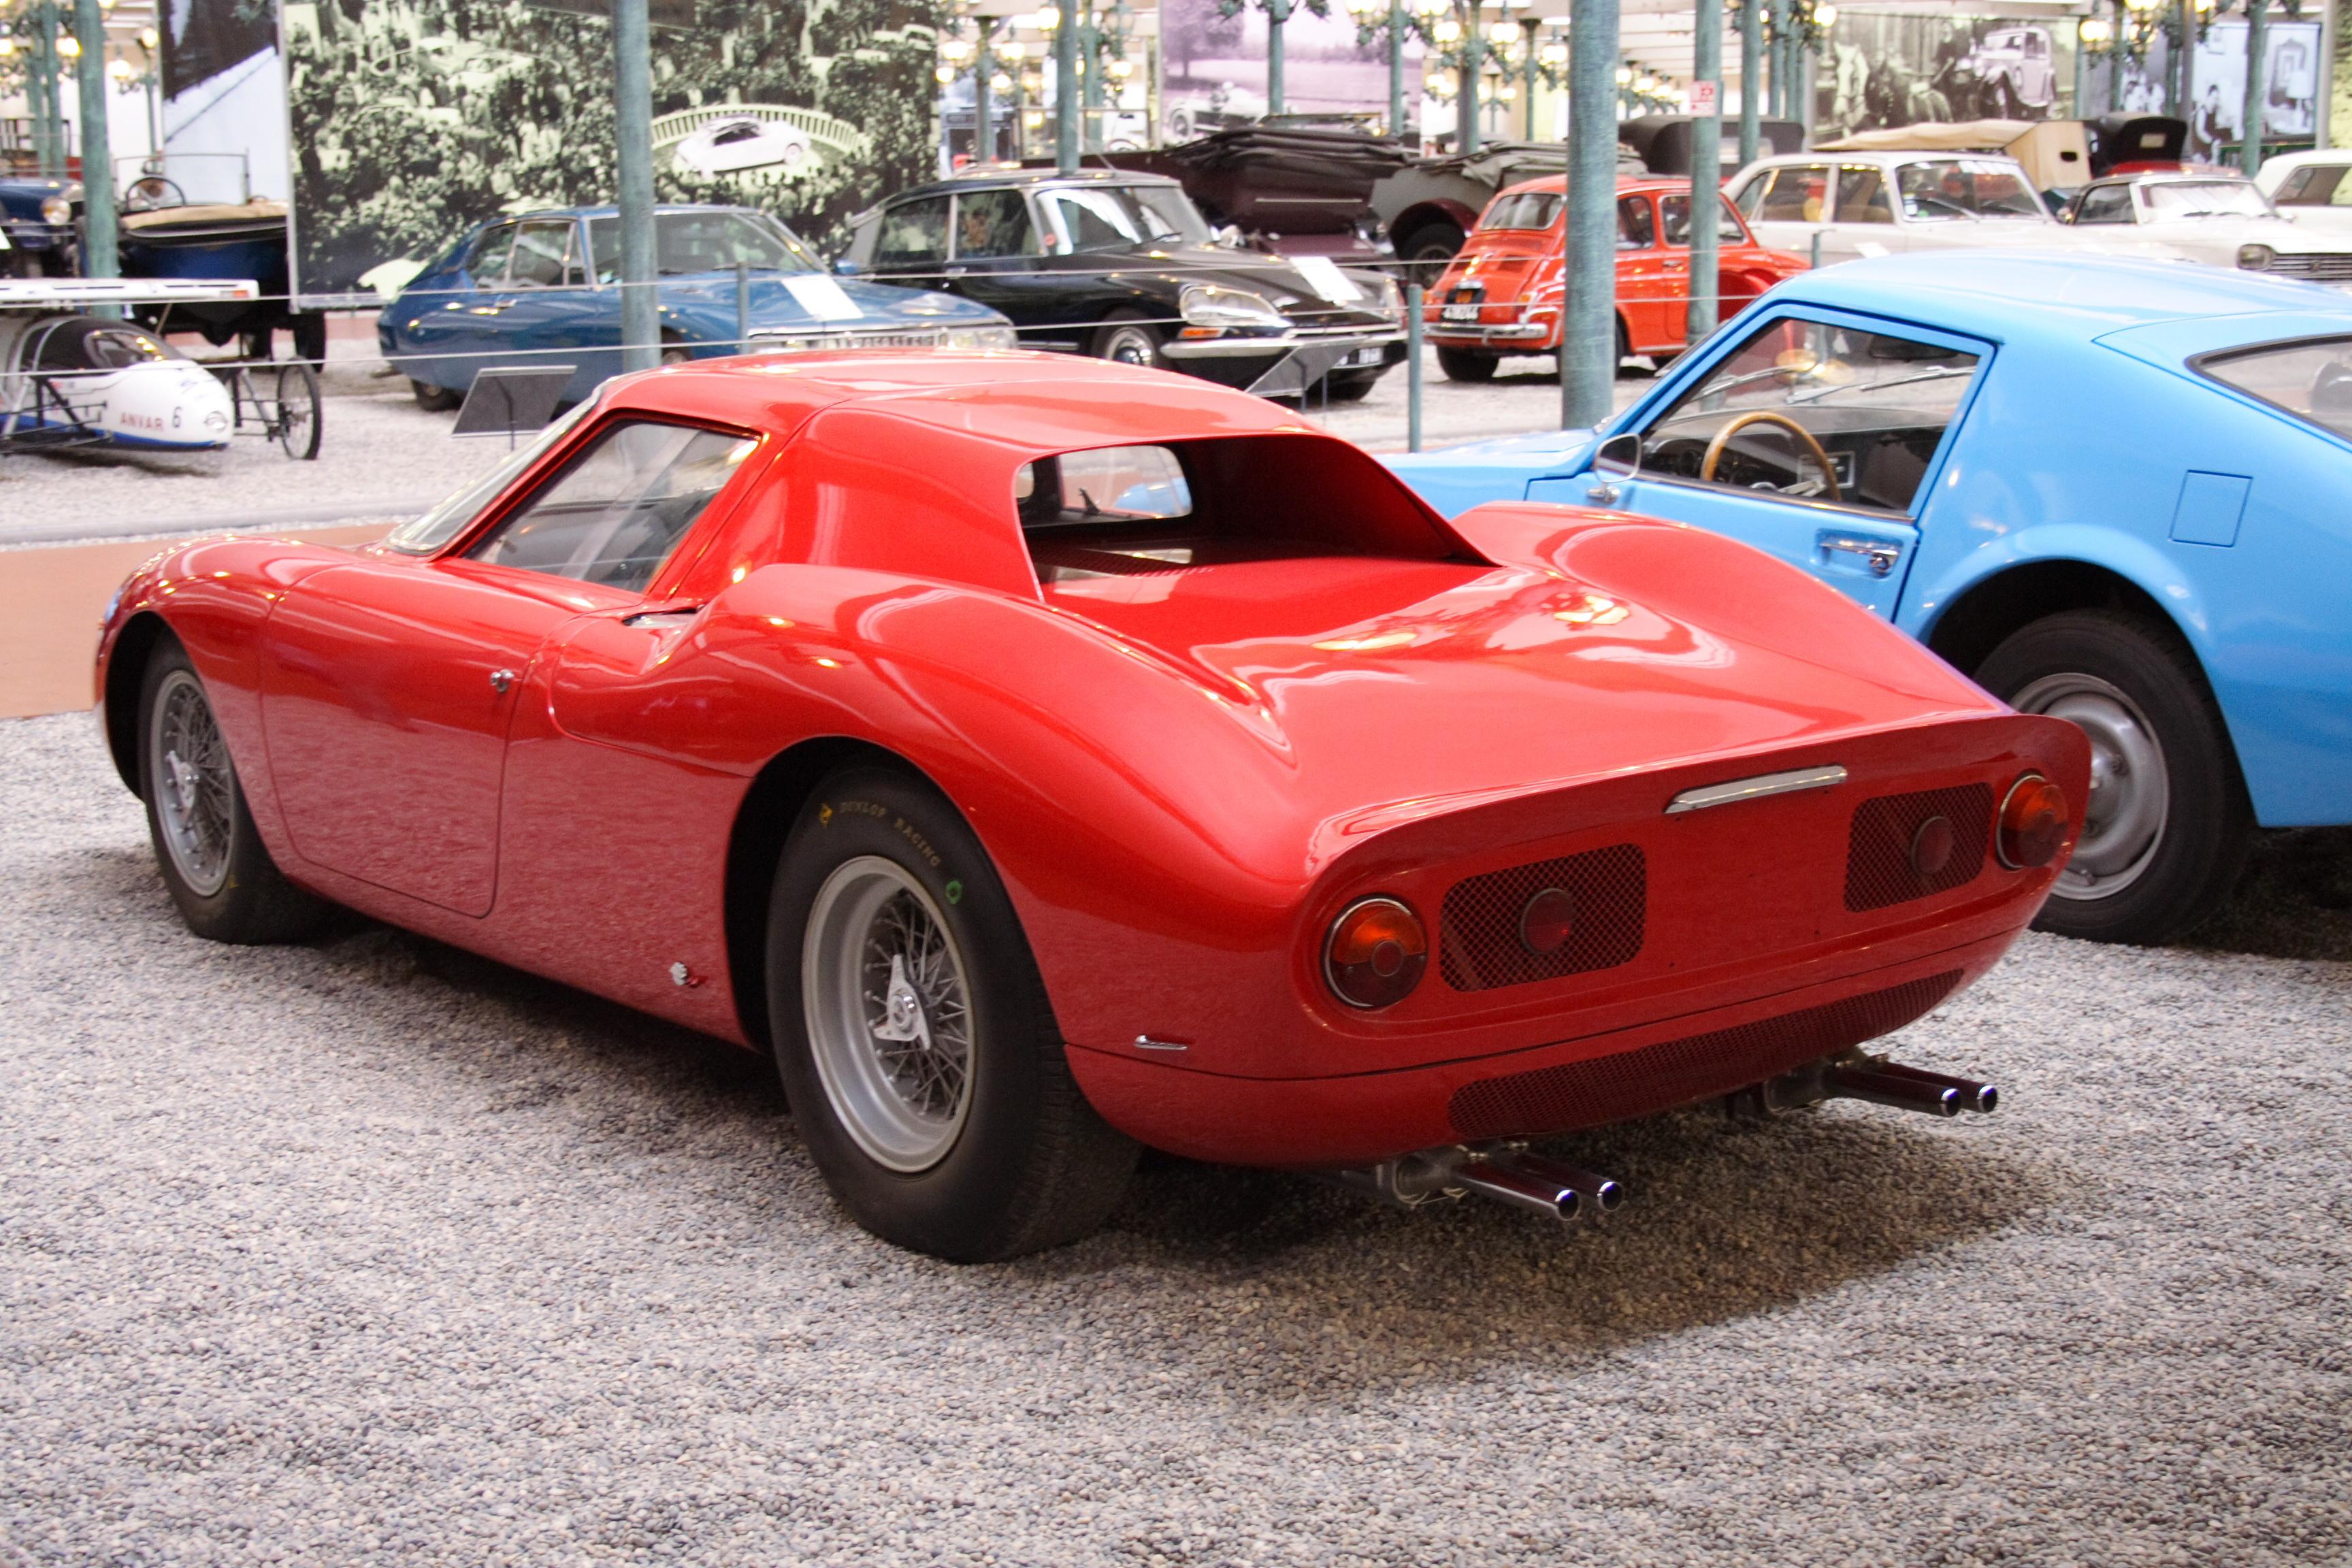 http://upload.wikimedia.org/wikipedia/commons/6/6b/Ferrari_Coupe_250_LM_1964_Mulhouse_FRA_003.JPG